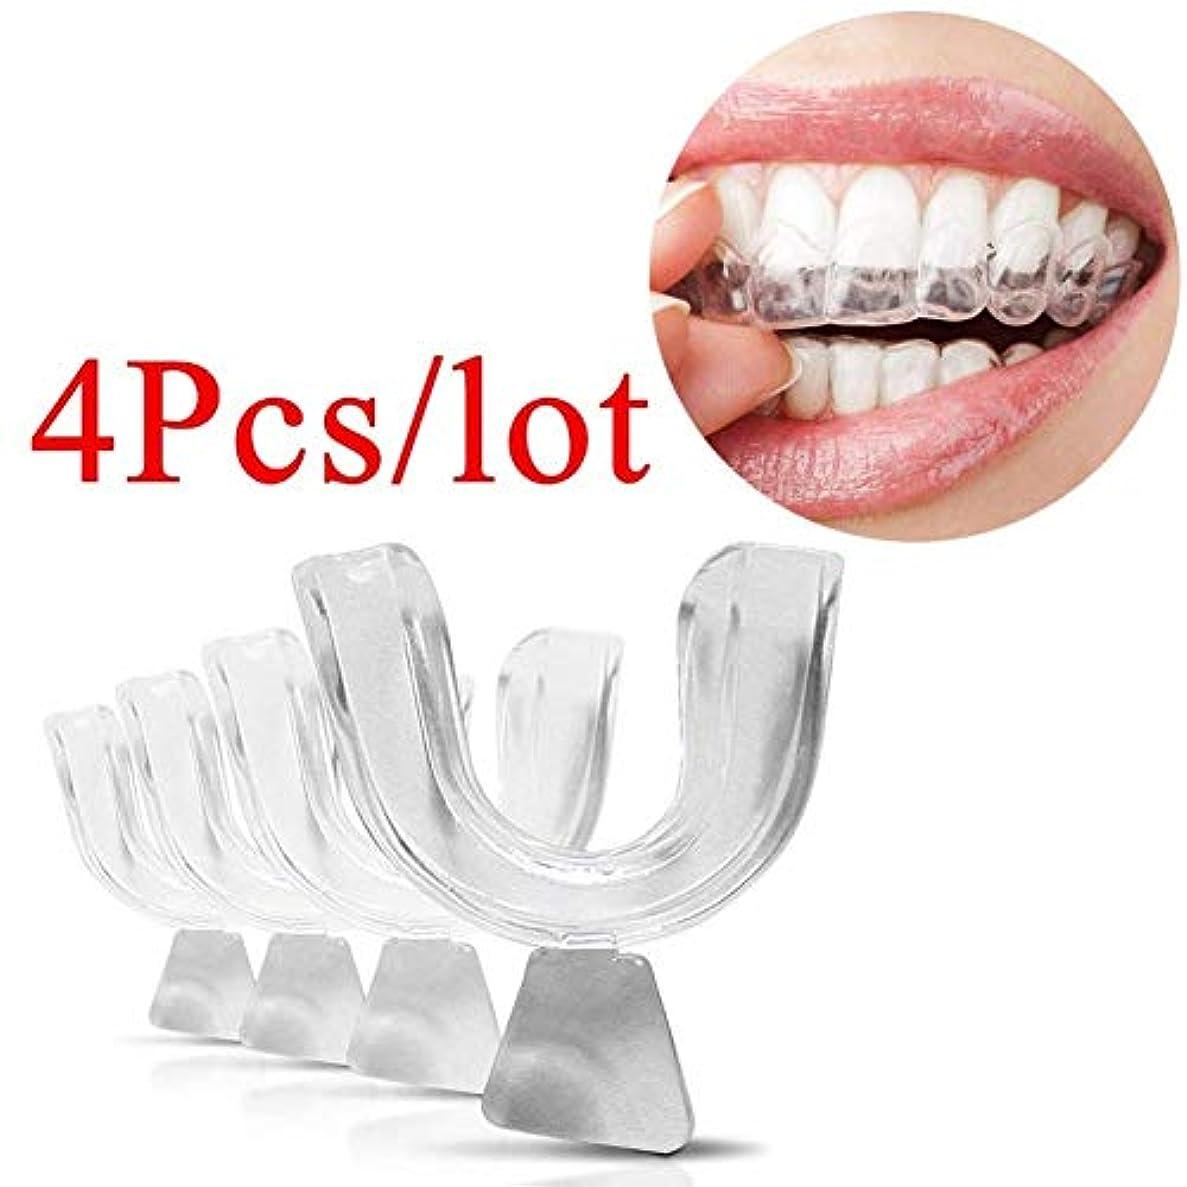 ライターカトリック教徒復活する透明な食品等級を白くする安全な口の皿のMoldable歯科用歯の口の歯,4Pcs